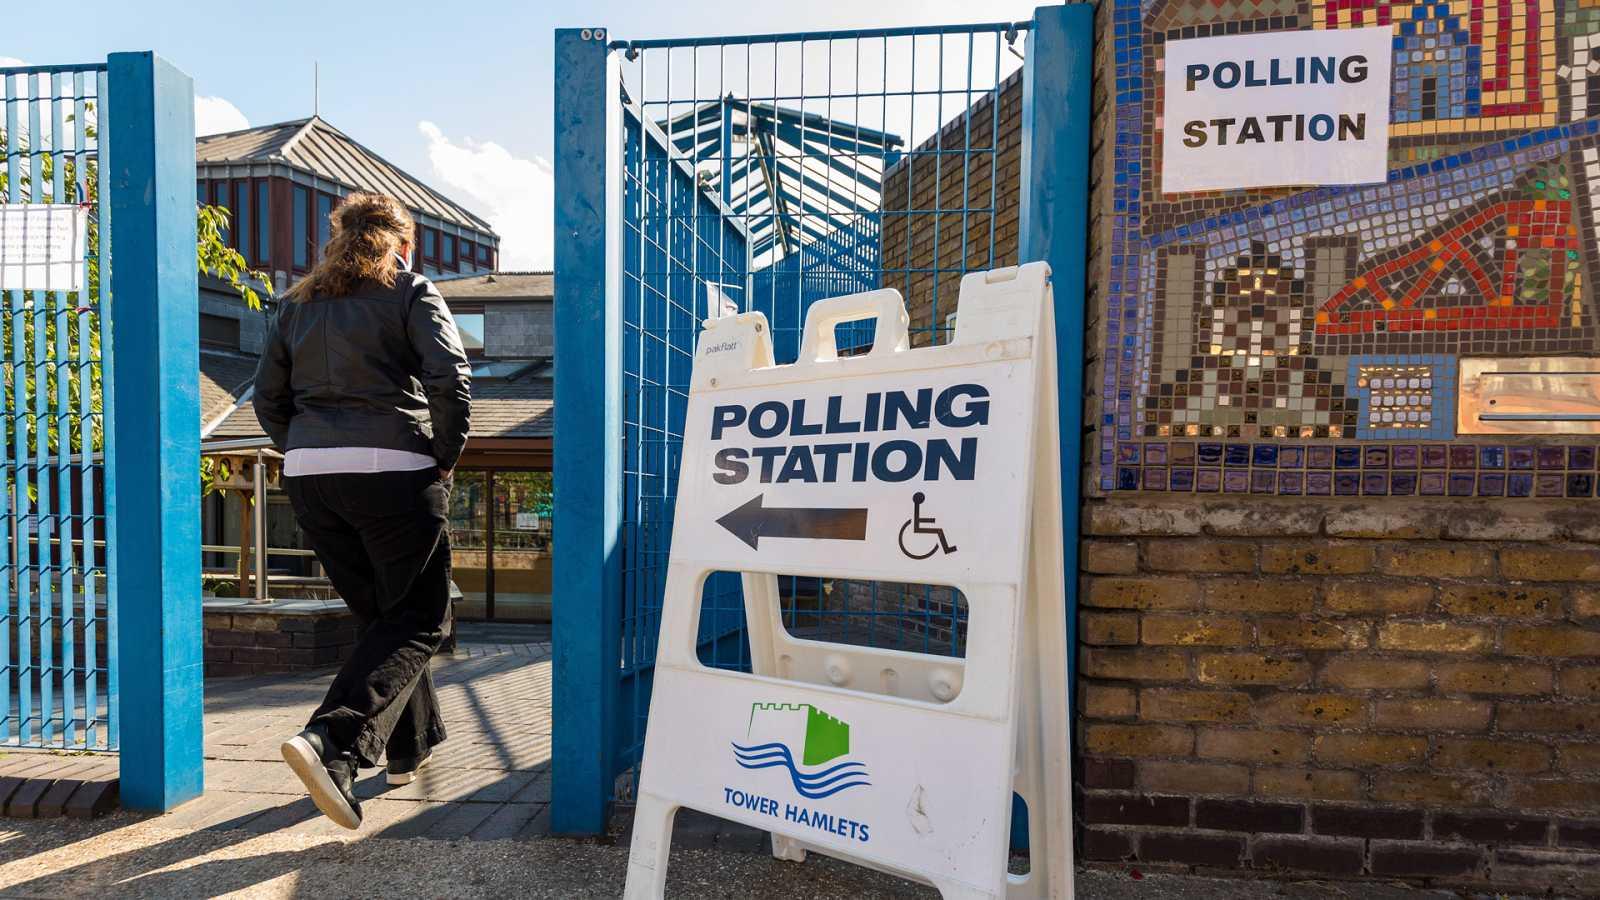 Europa abierta - El superjueves electoral del Reino Unido - escuchar ahora